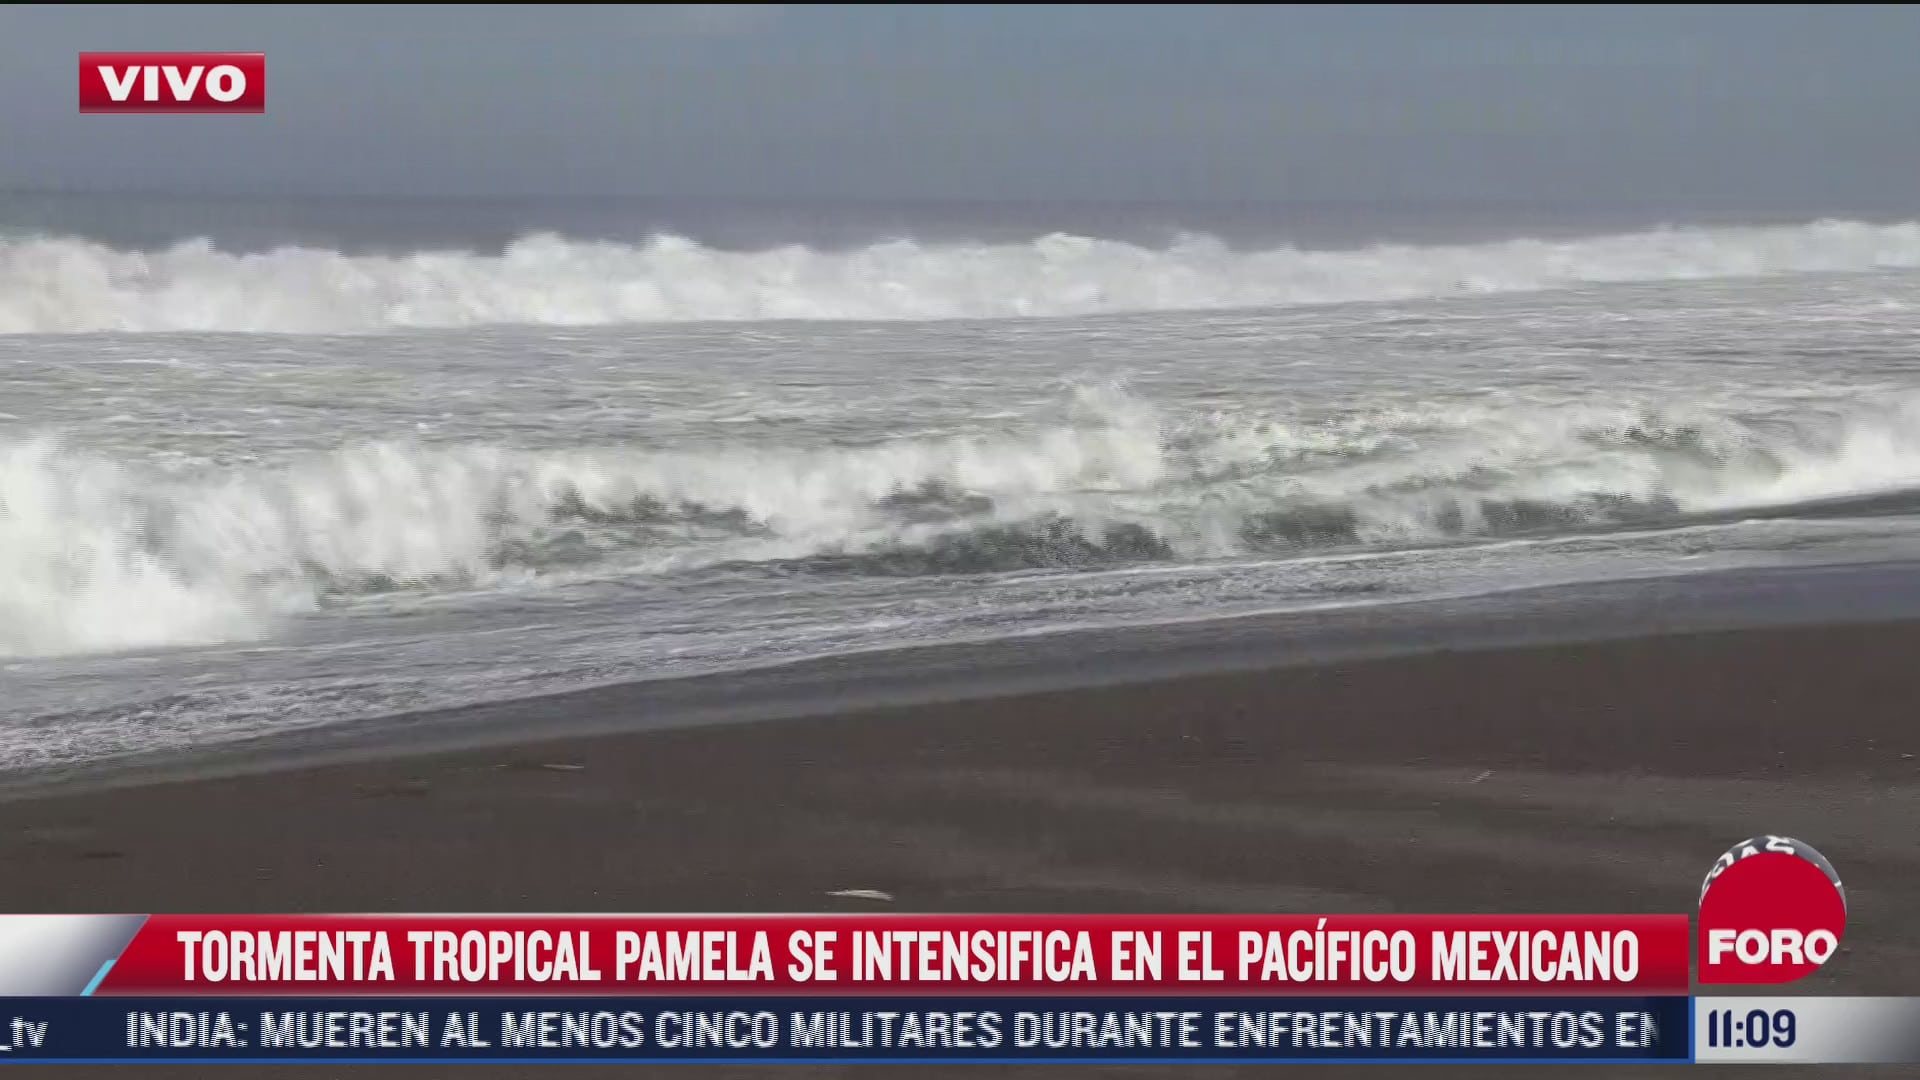 tormenta tropical pamela se intensifica en el pacifico mexicano